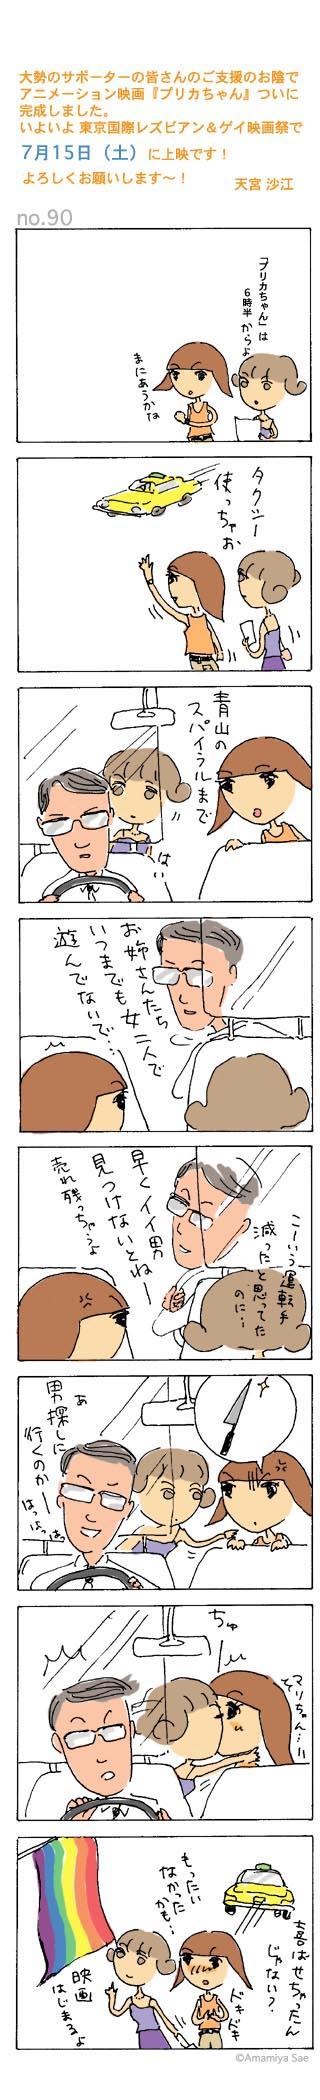 Bulle Gaie - Page 5 Manga_11